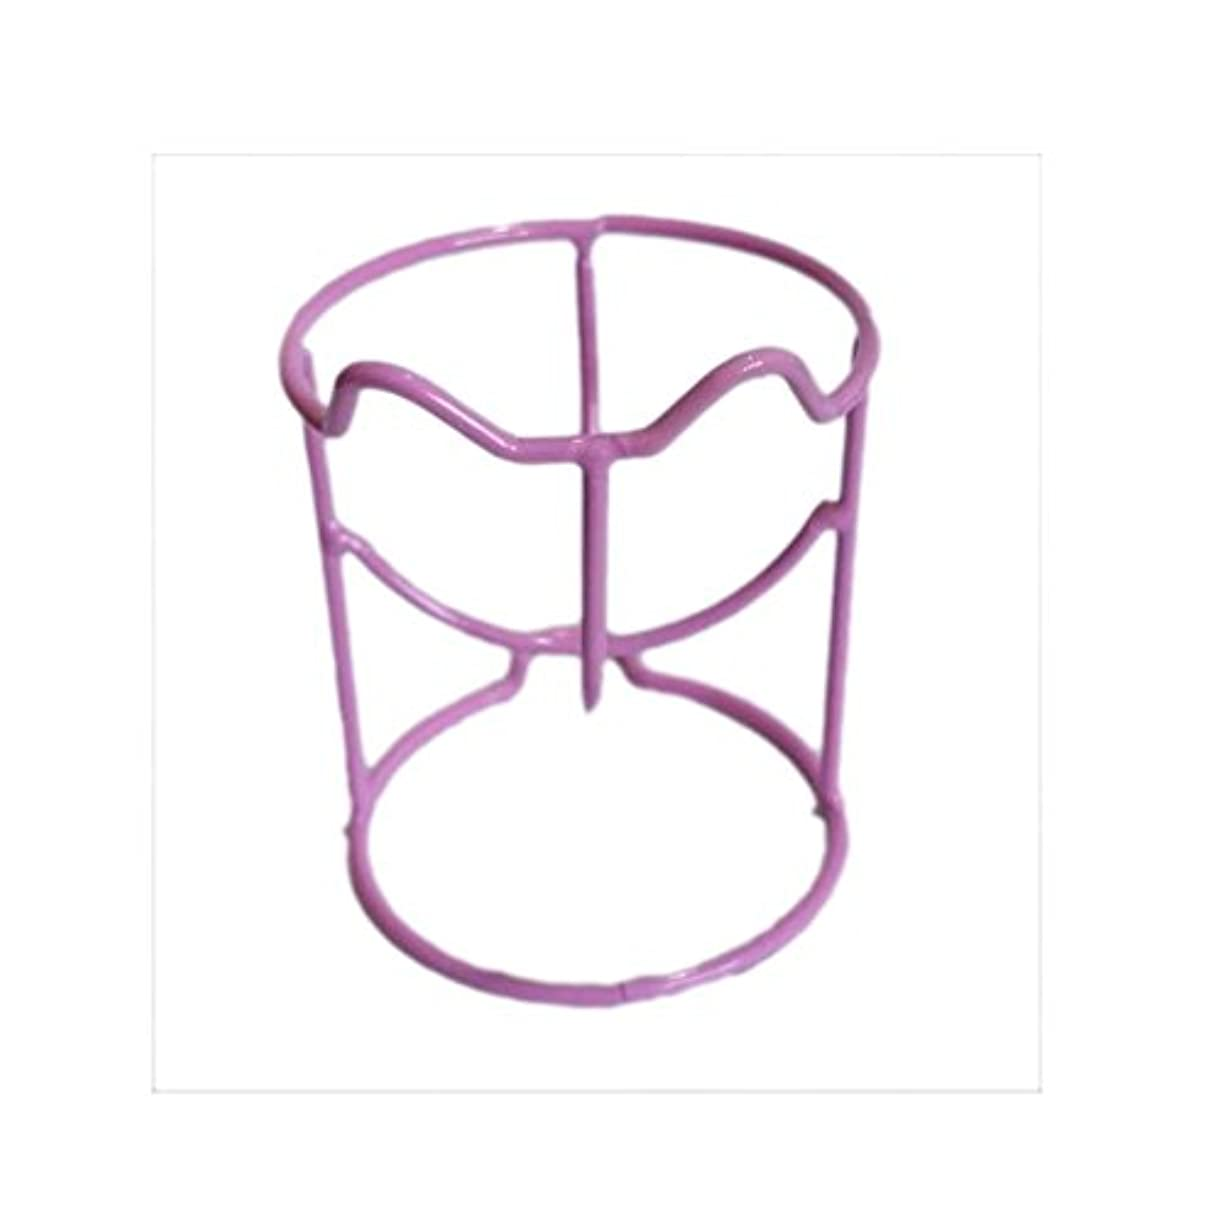 虎電気陽性項目2乾燥ホルダーラックメイク卵パウダーパフスポンジディスプレイスタンドのセット